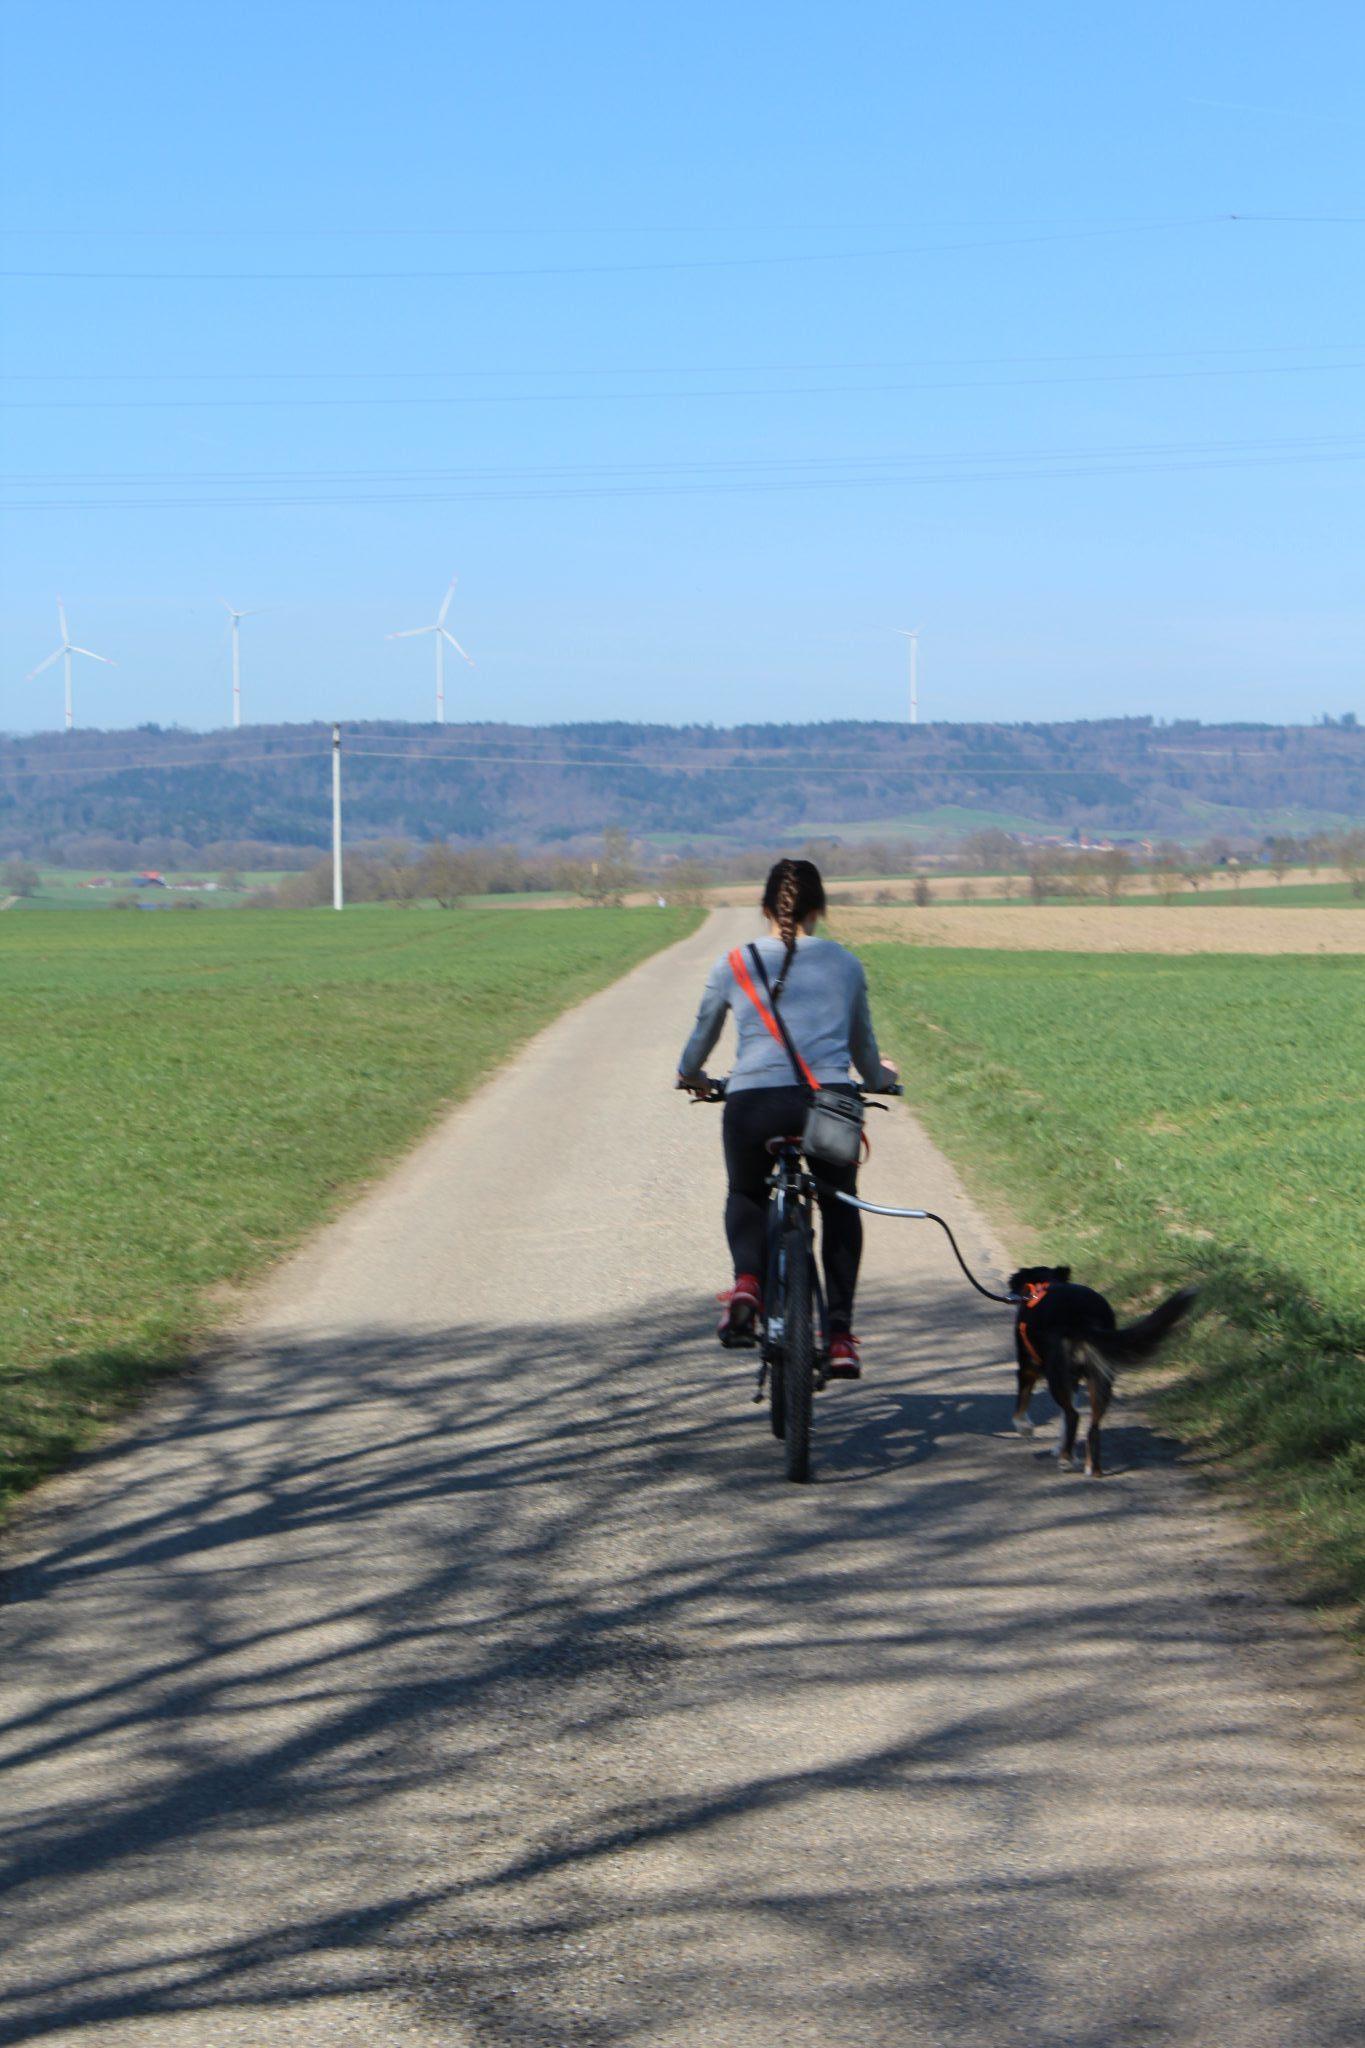 Hund läuft an der Fahrradhalterung neben dem Fahrrad auf einem Radweg